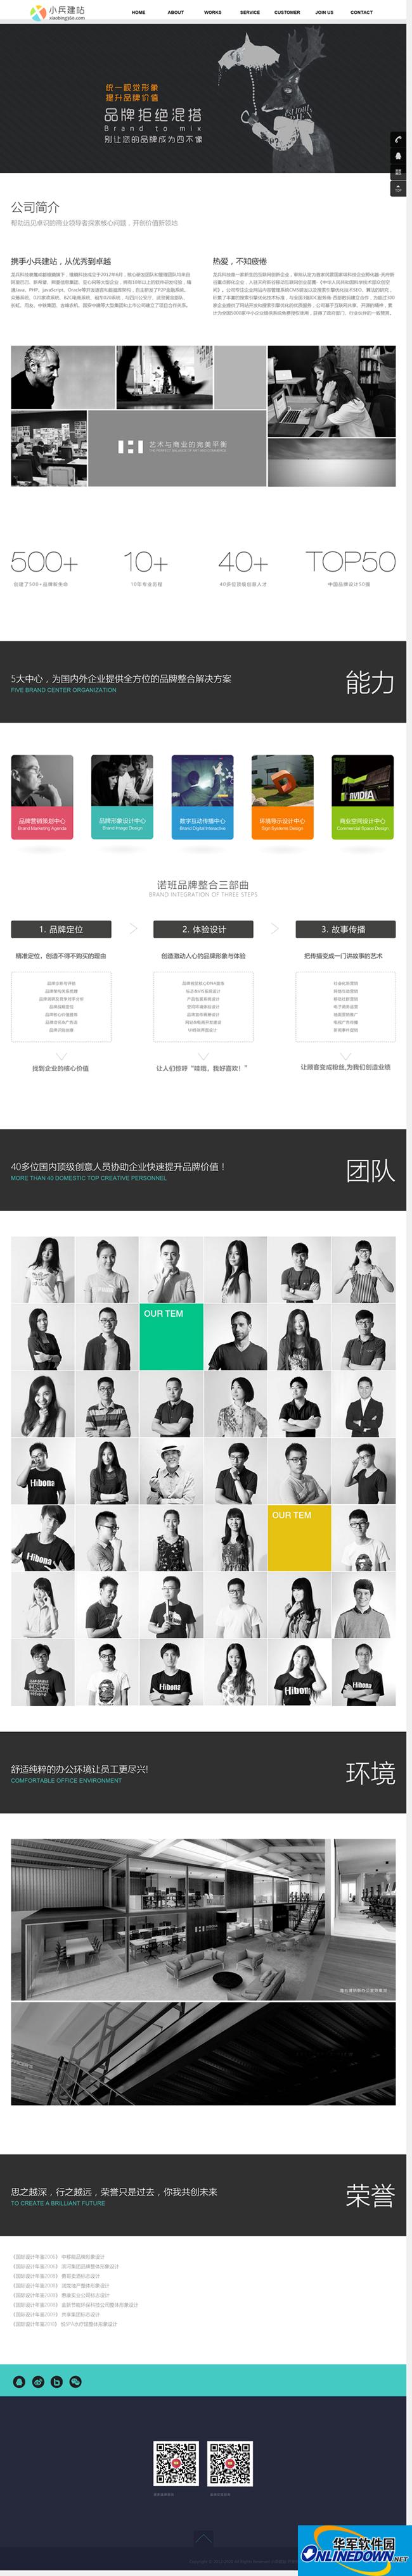 广告策划公司网站模板 2